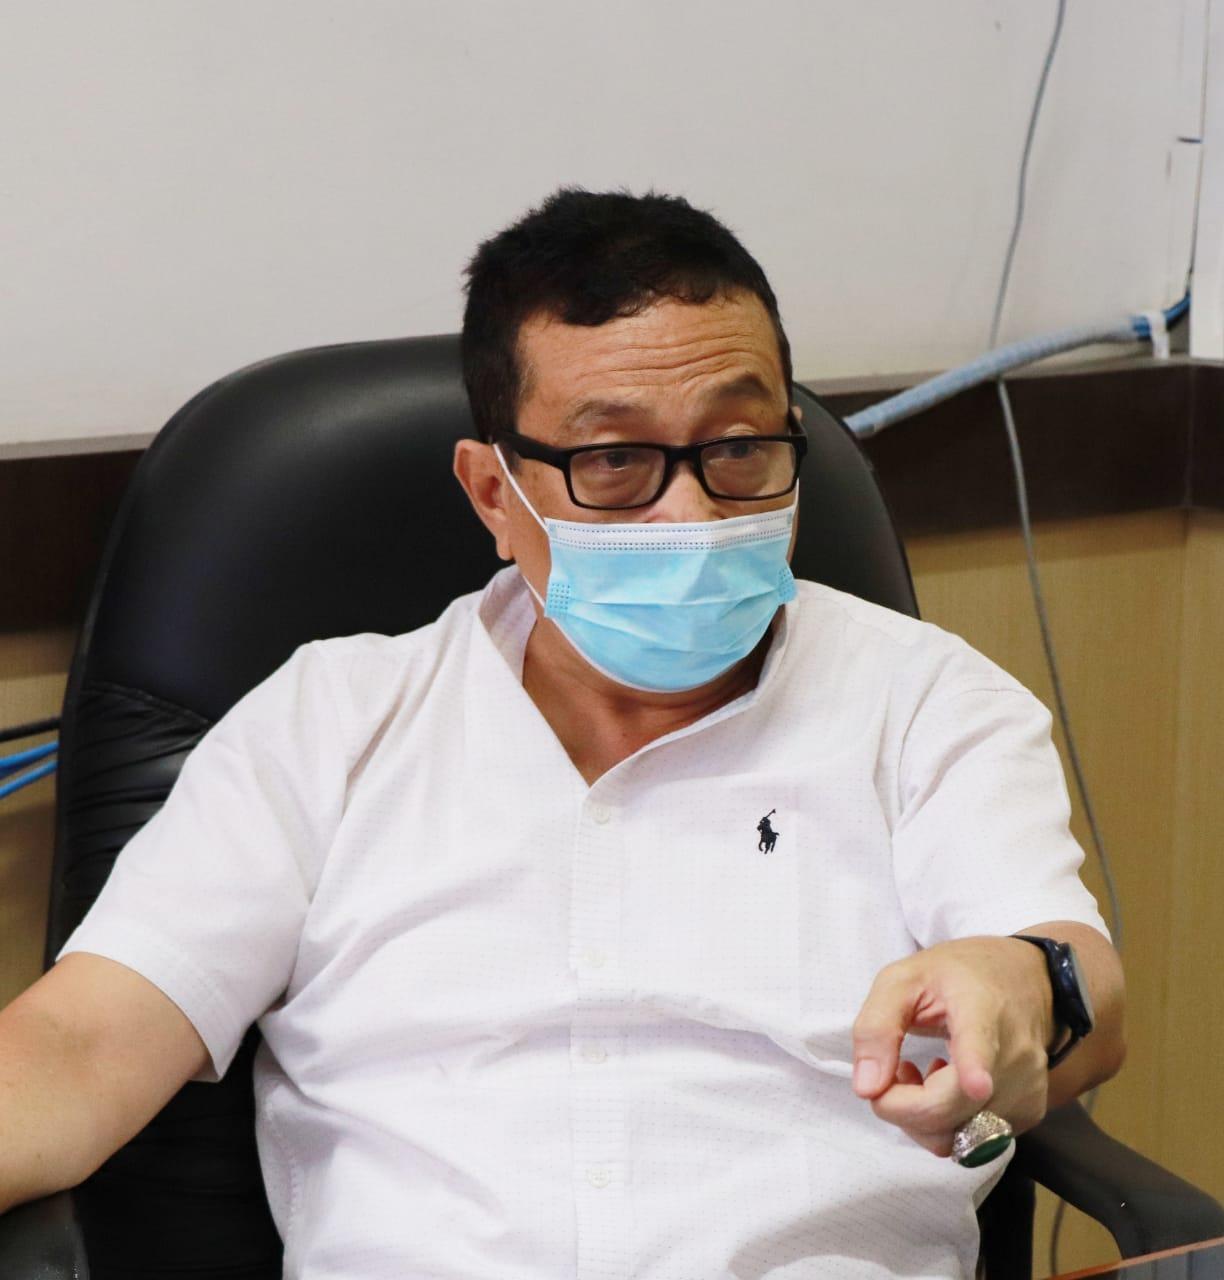 UPDATE ZONASI Kabupaten Kota di Sumatera Barat Minggu ke 50 Pandemi Covid-19 (Periode 21 Februari 2021 - 27 Februari 2021)